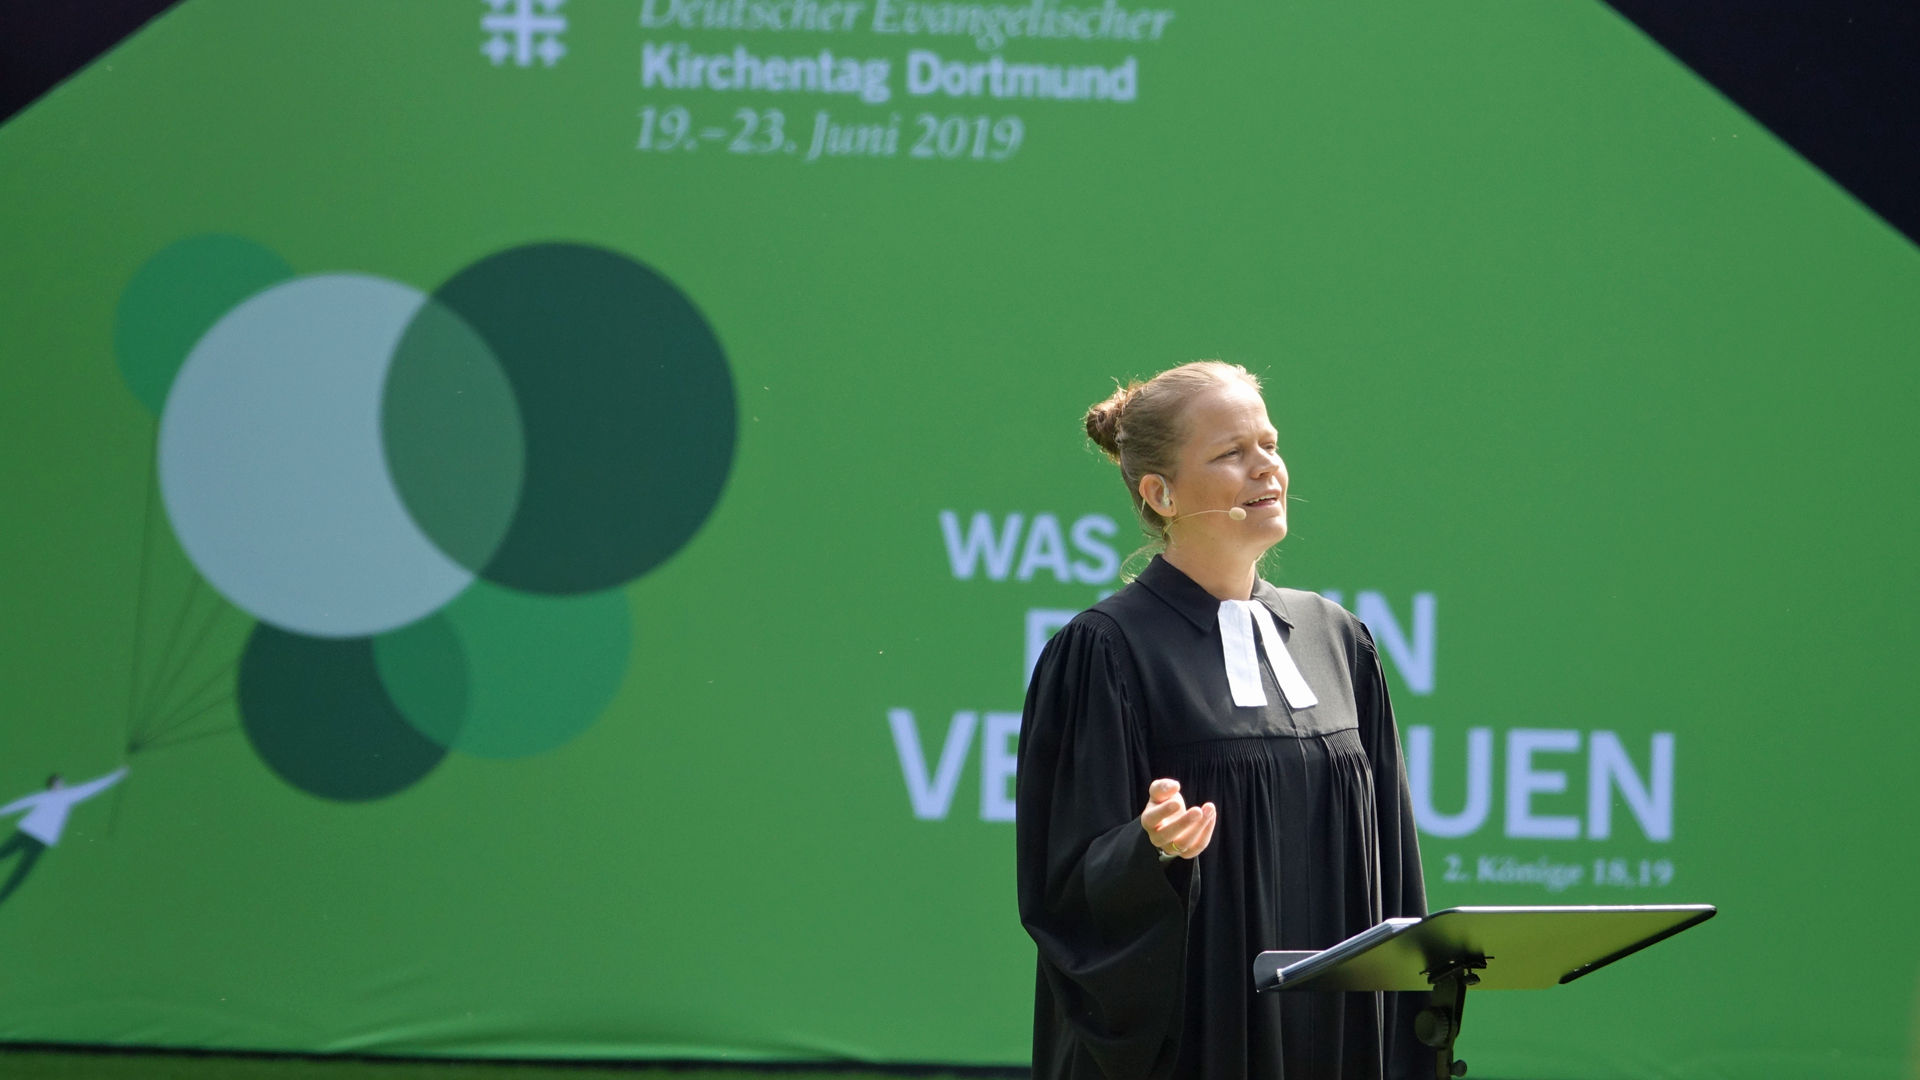 Die Pastorin Sandra Bils hat die Predigt des Abschlussgottesdienstes auf dem Evangelischen Kirchentag in Dortmund gehalten